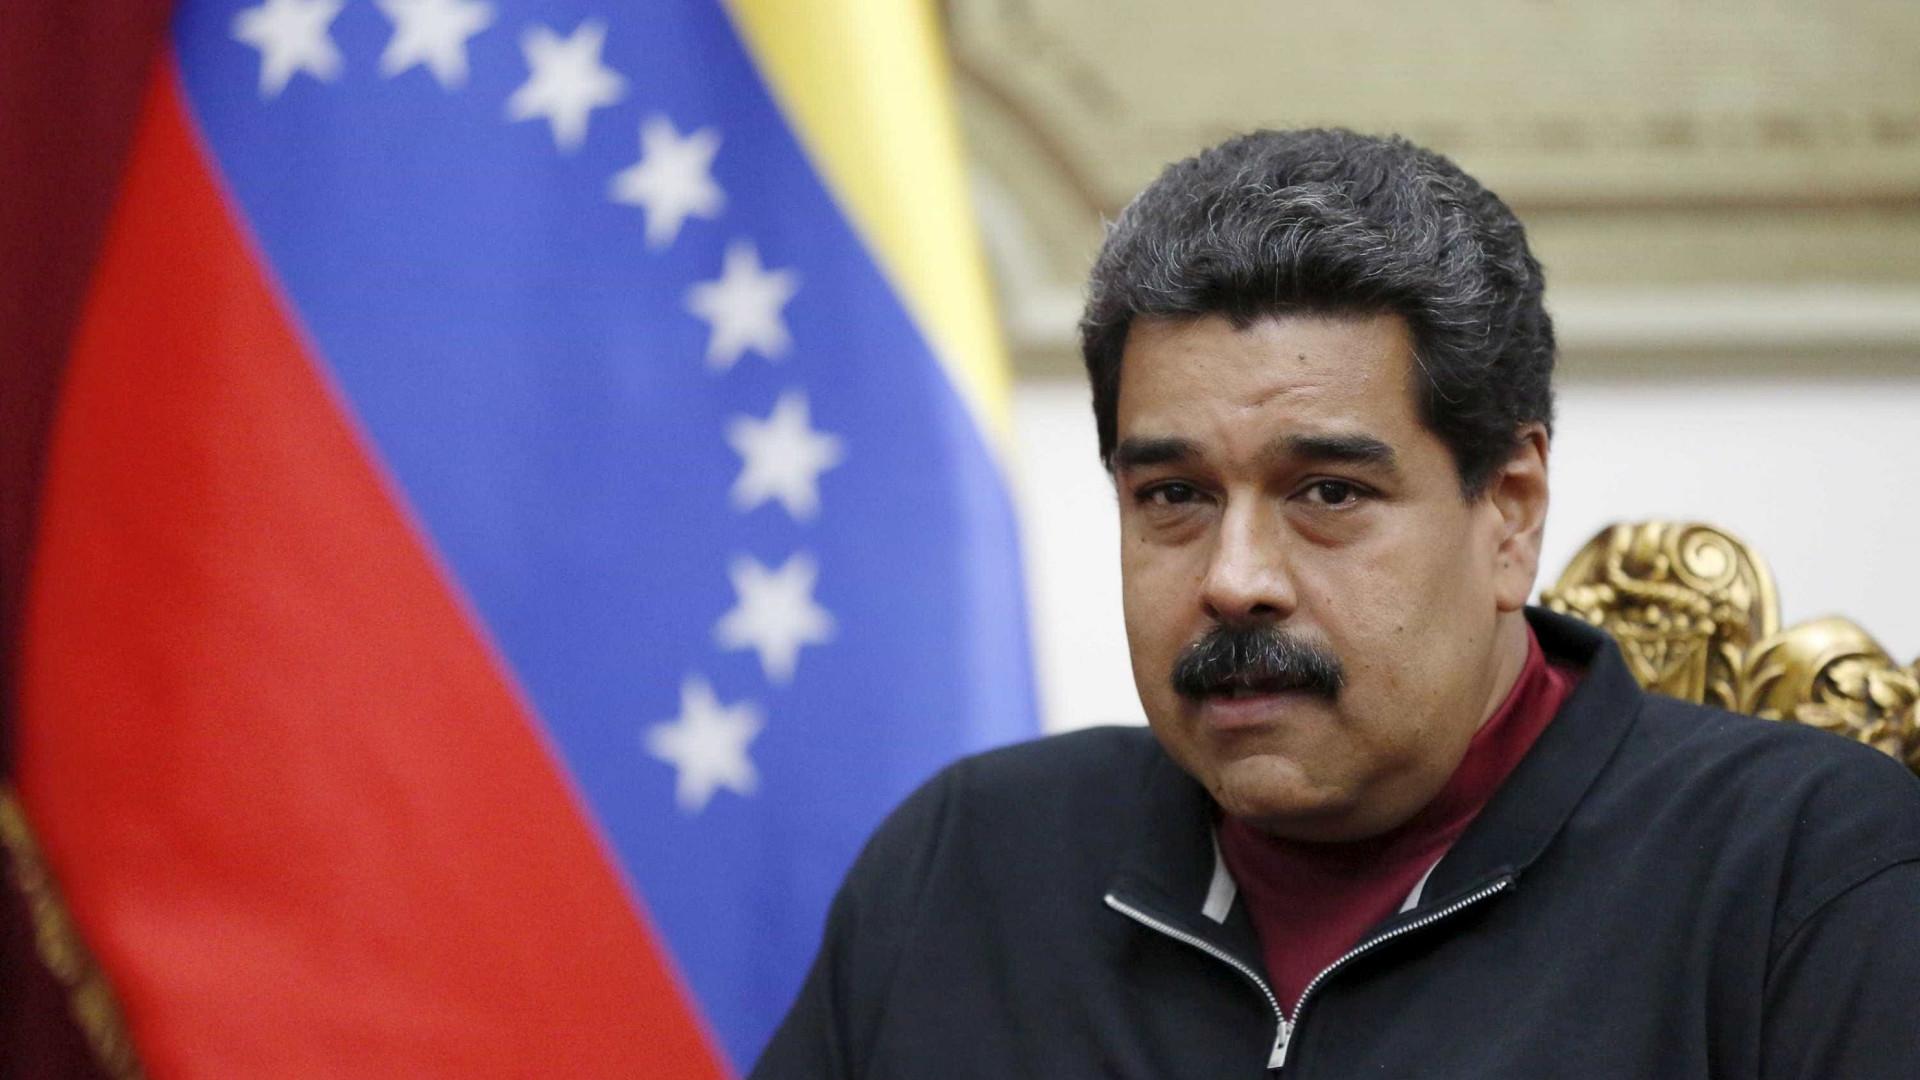 Três deputados do Governo de Maduro afastam-se e criam novo bloco